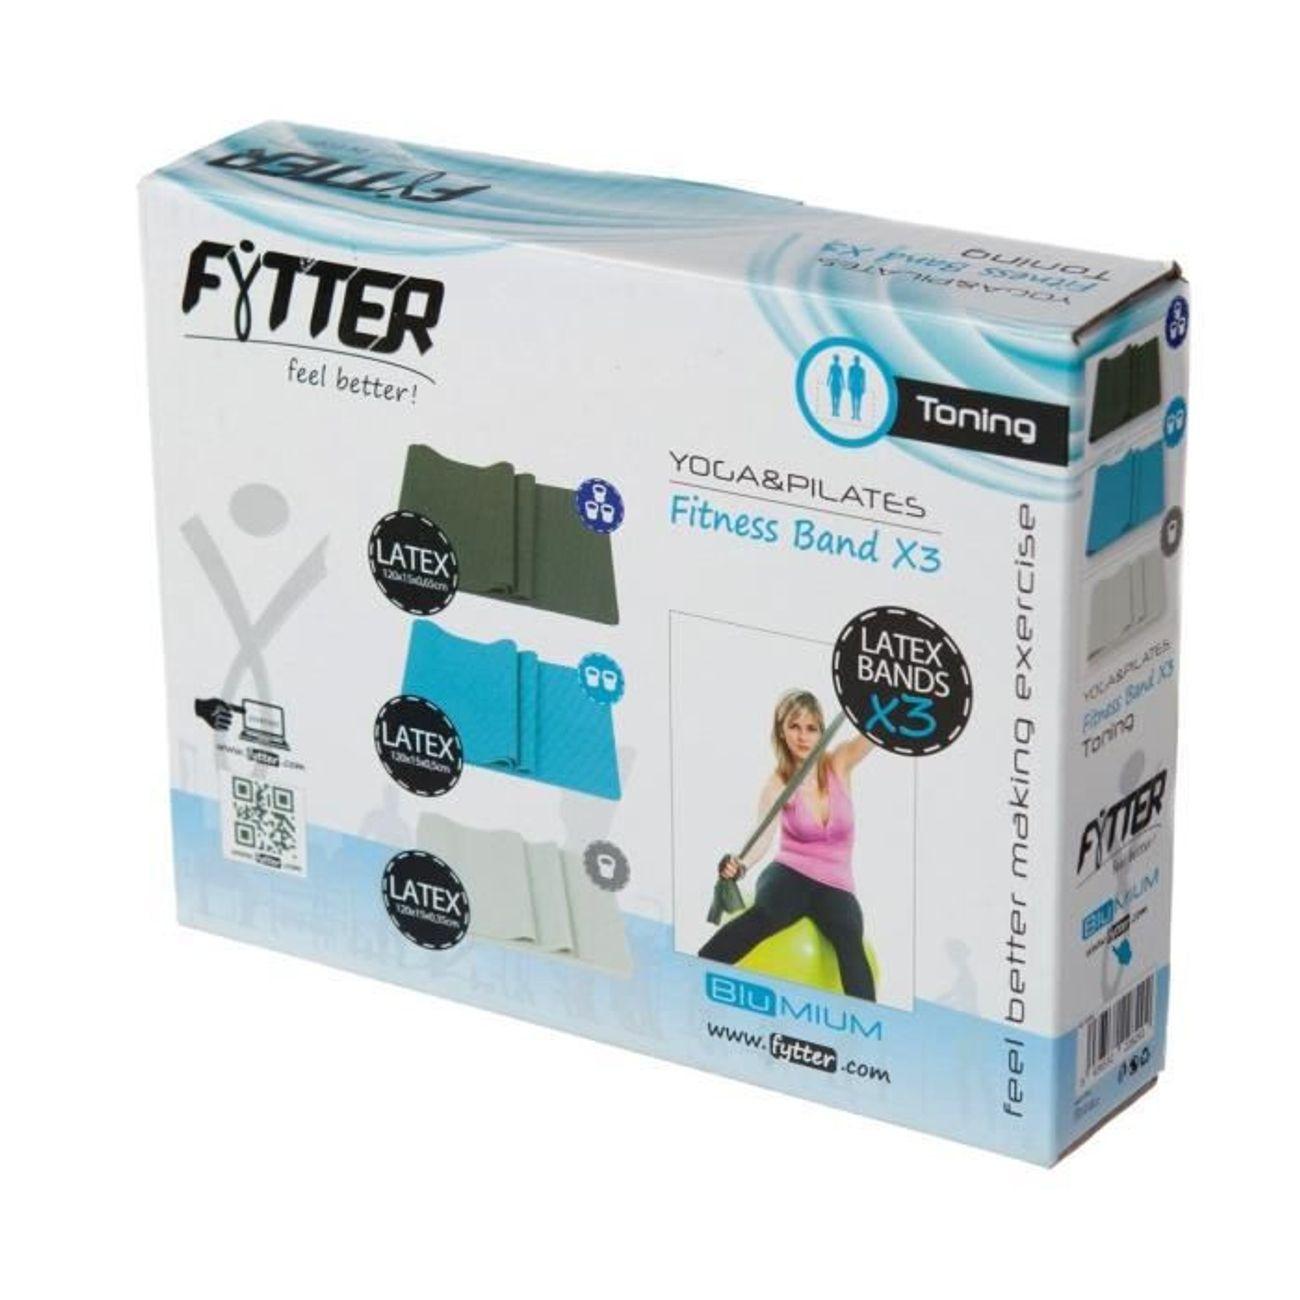 FYTTER FYTTER Fitness band AFB03B, bandes en latex pour les exercices de tonification avec trois niveaux de résistance.